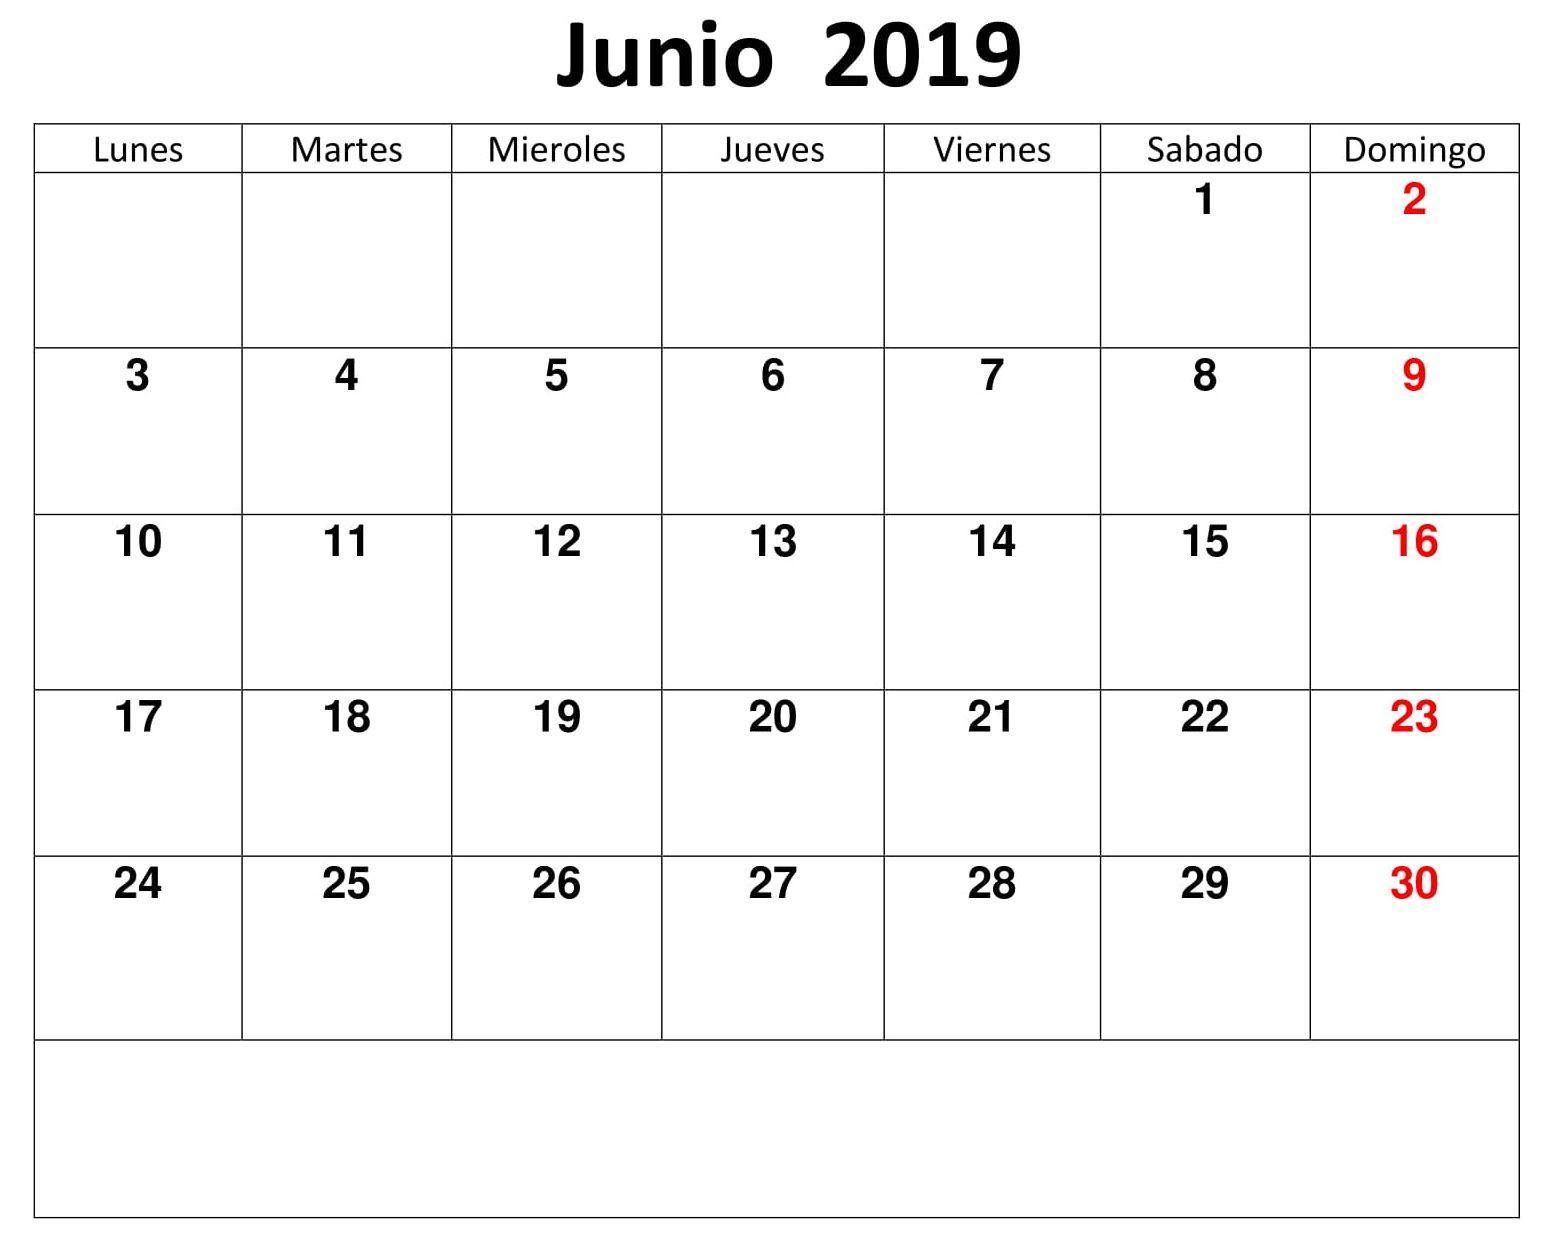 Calendario Junio 2019 Para Imprimir Pdf.Junio Calendario Formato 2019 Para Imprimir Calendario Junio 2019